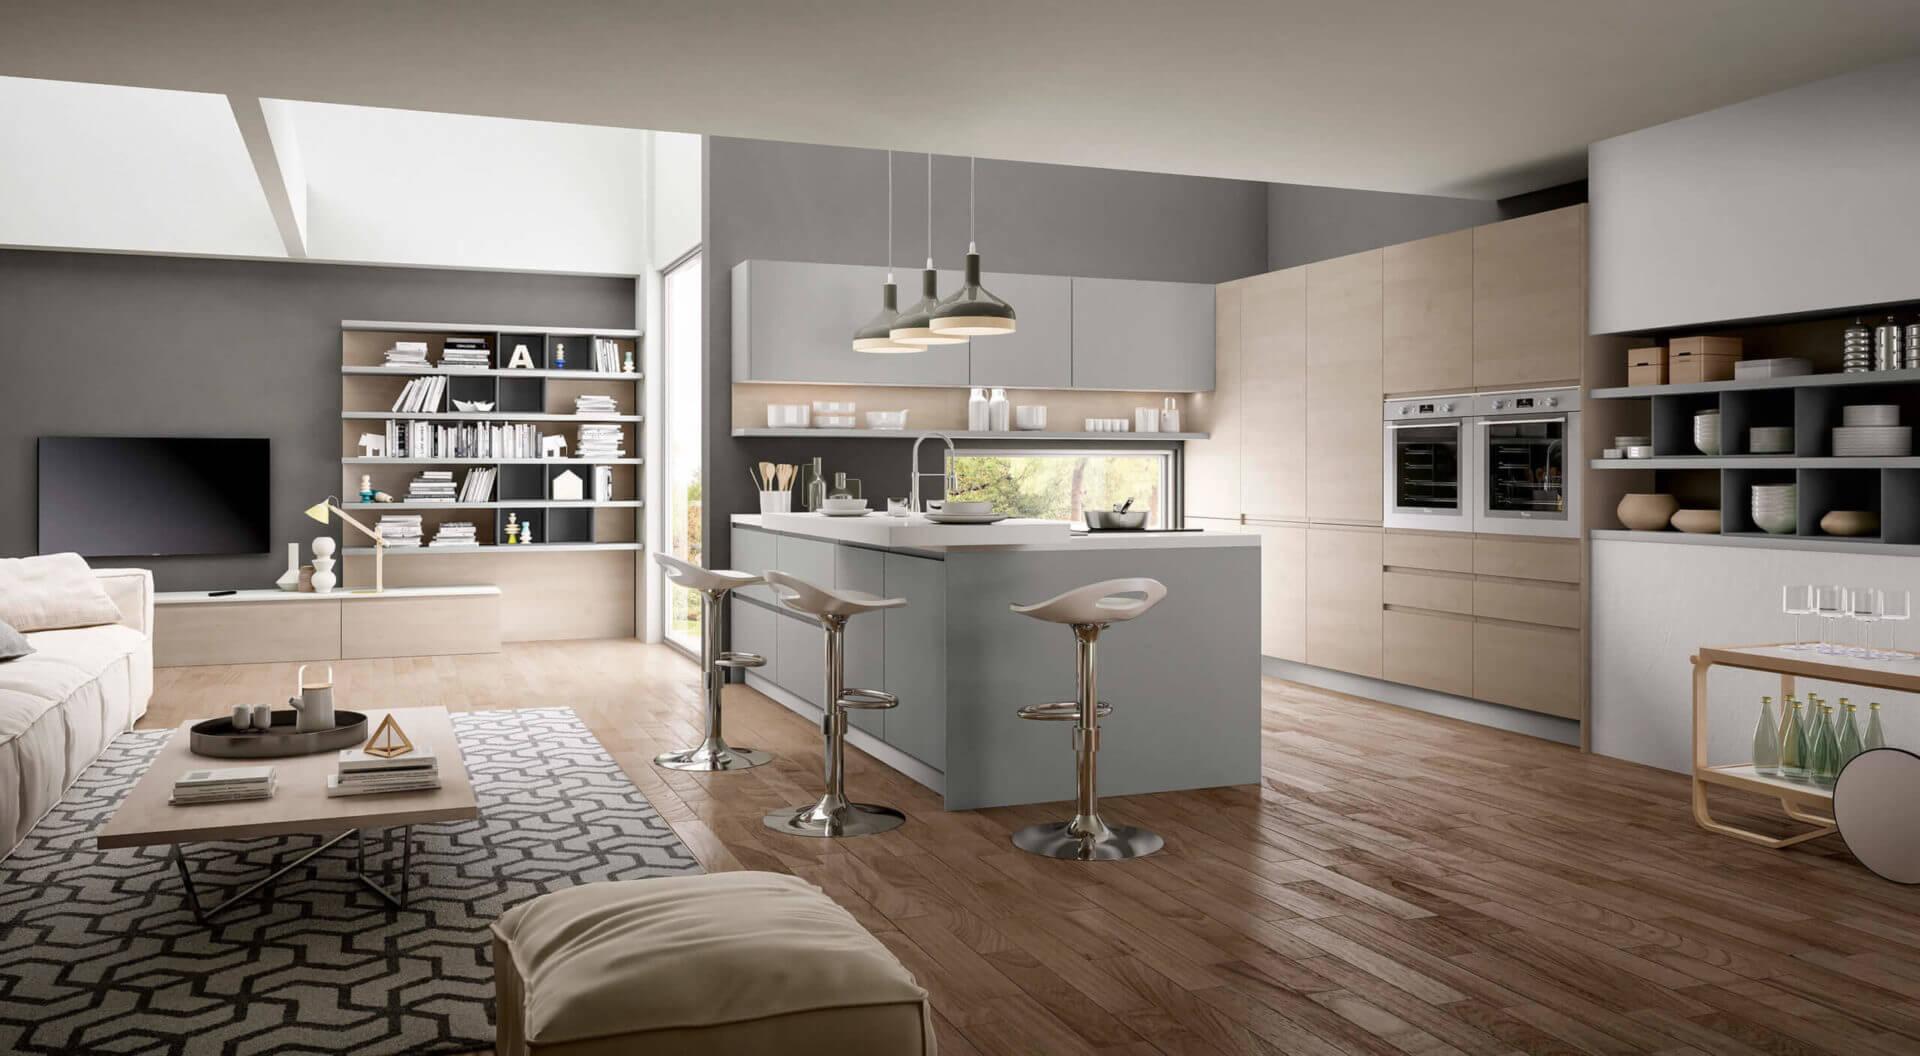 cucina wega moderna